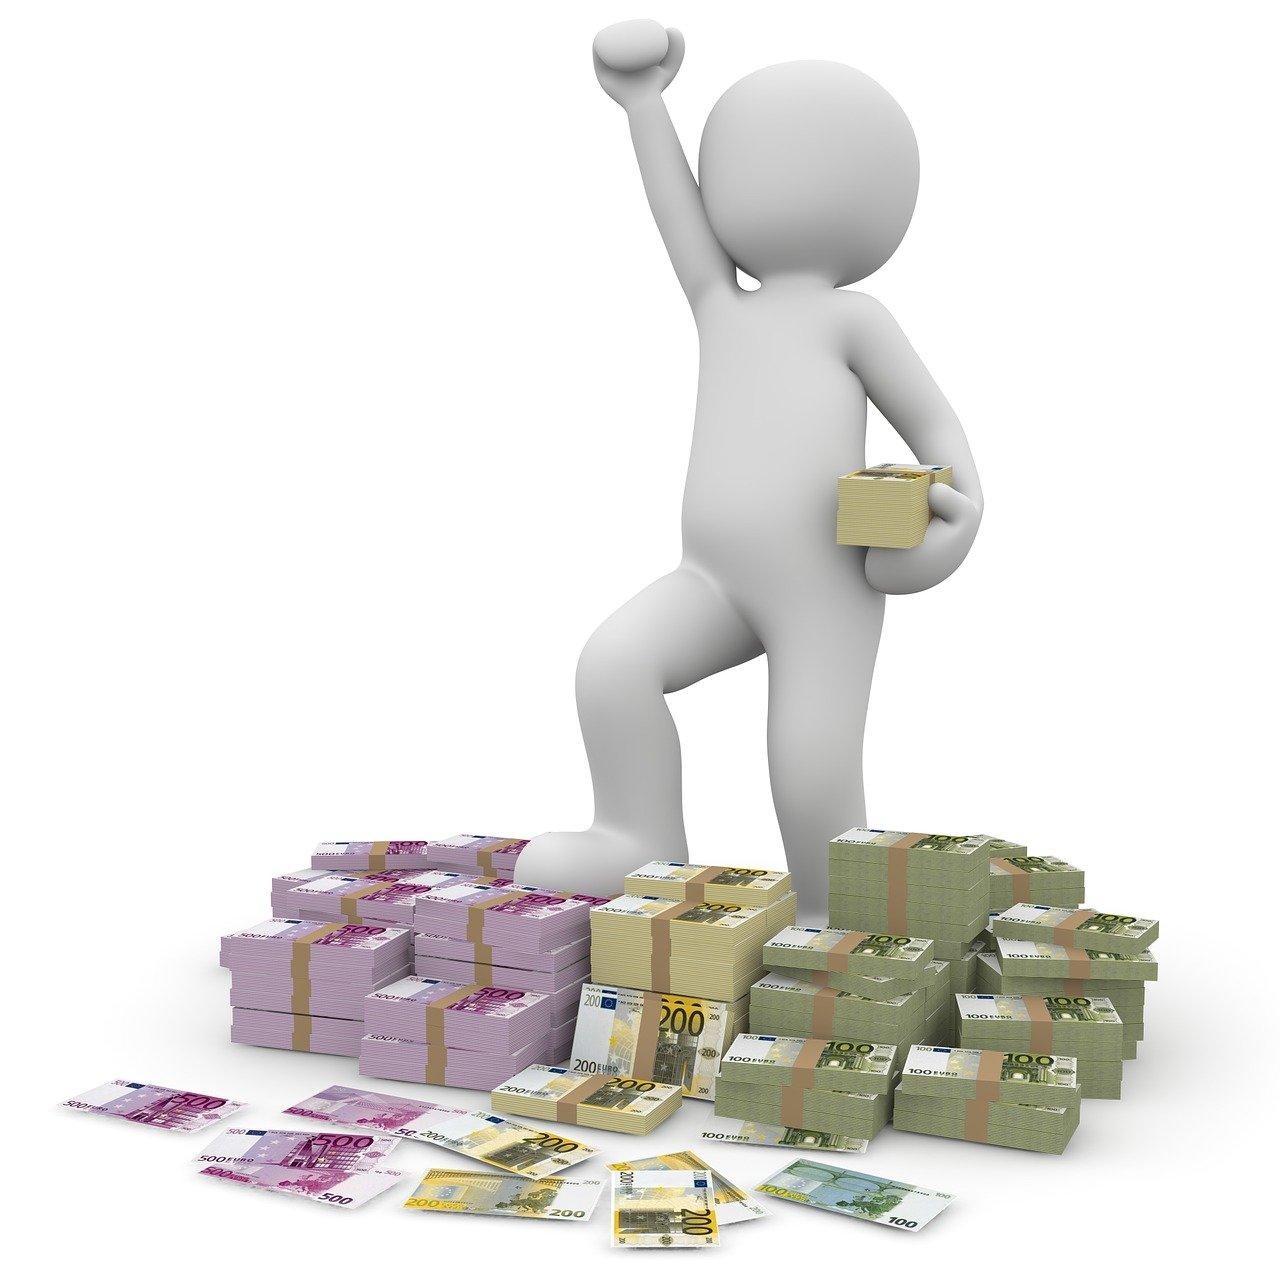 Zadbaj o własne finanse, to wcale nie jest takie trudne jak ci się wydaje